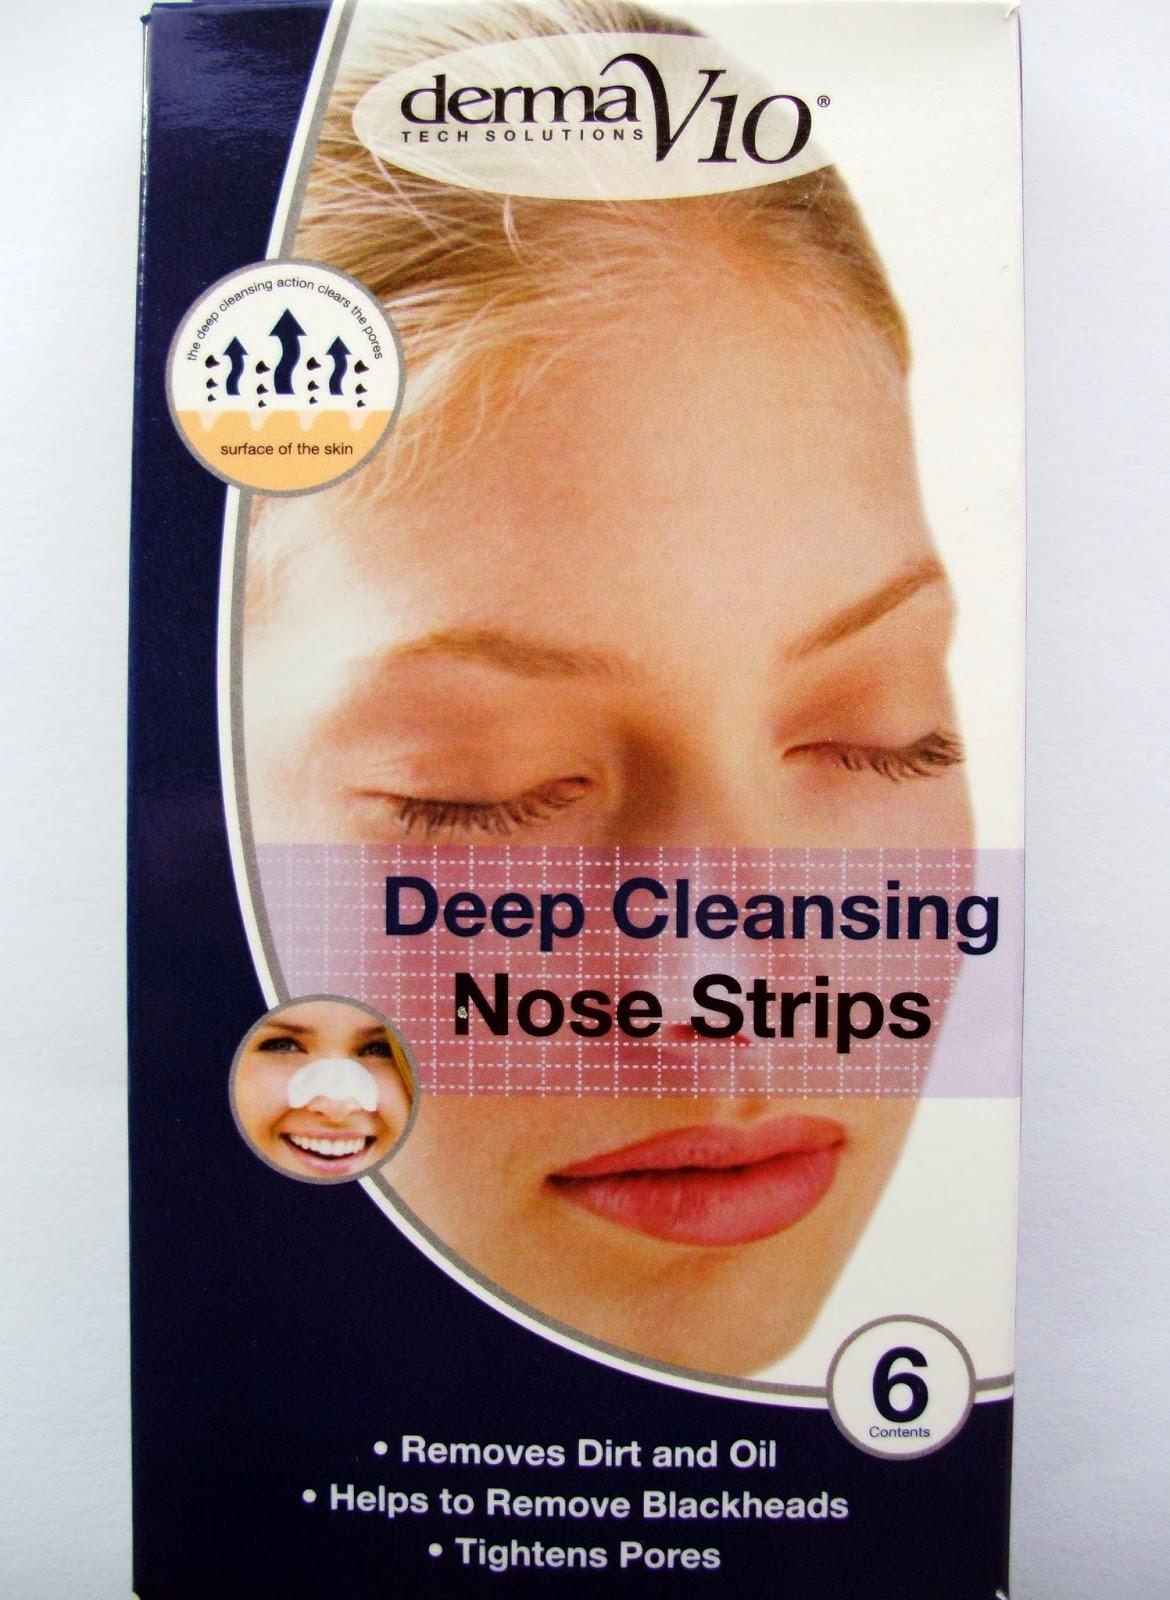 Derma V10 Deep Cleansing Nose Strips